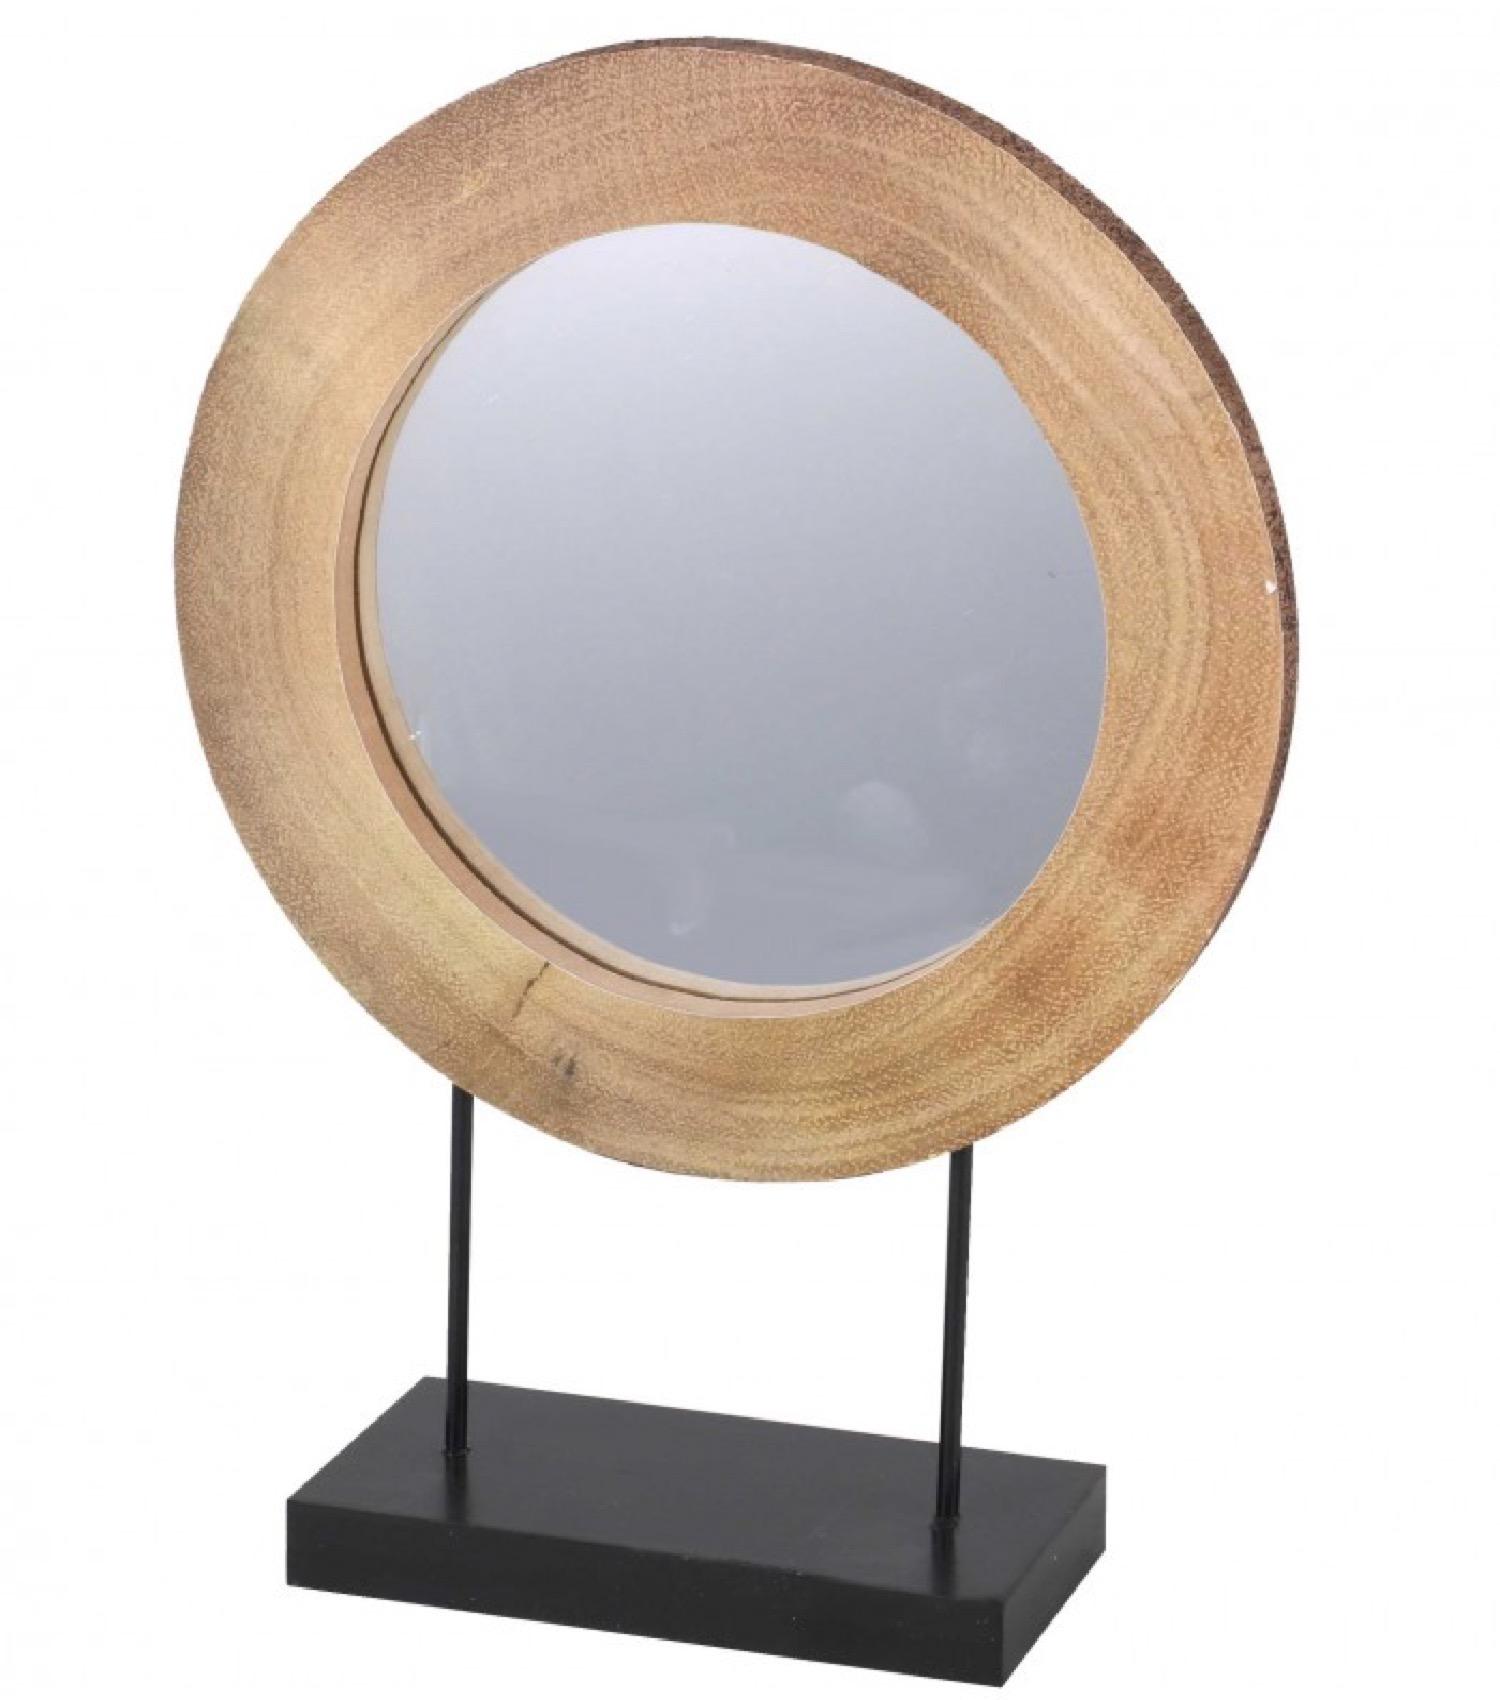 Miroir décoratif à poser rondin de bois et métal noir 30x41,5